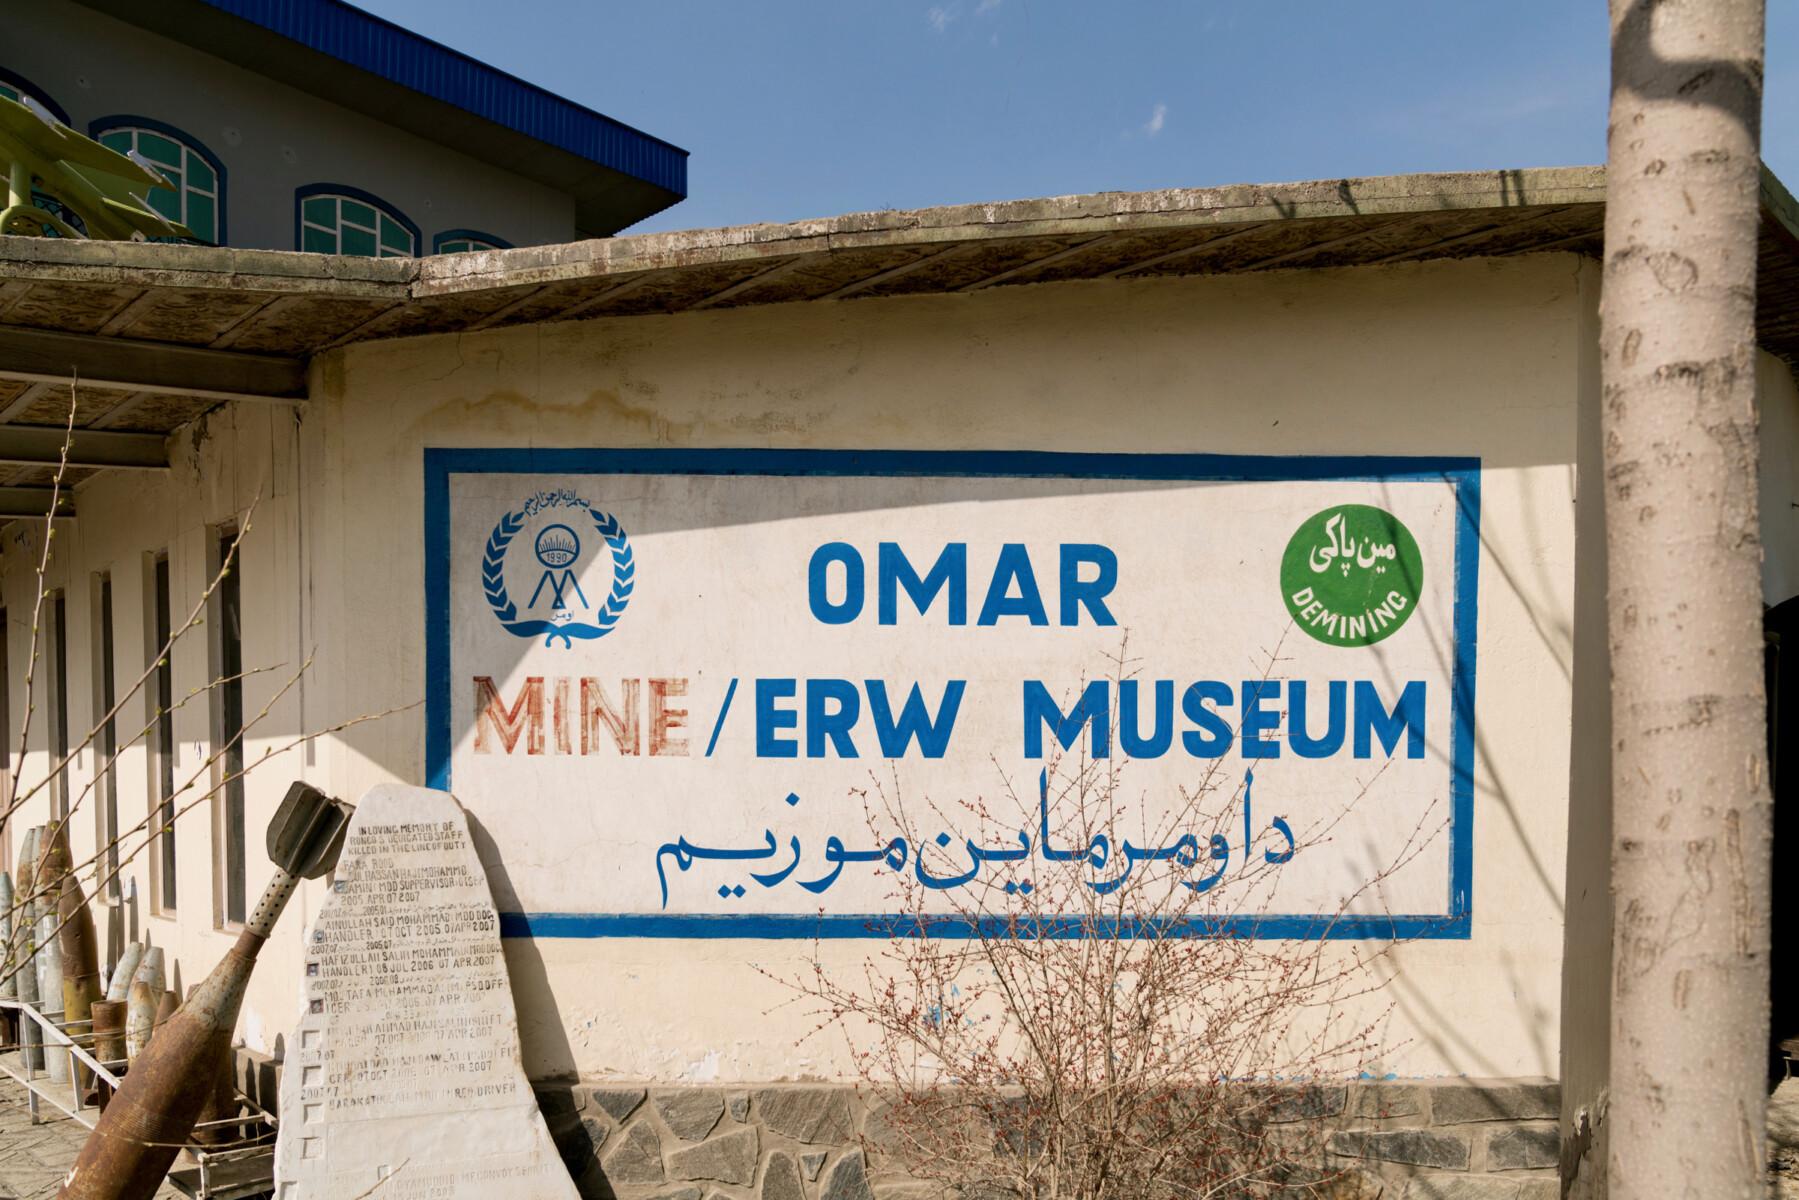 OMAR Landmine Museum in Kabul, Afghanistan